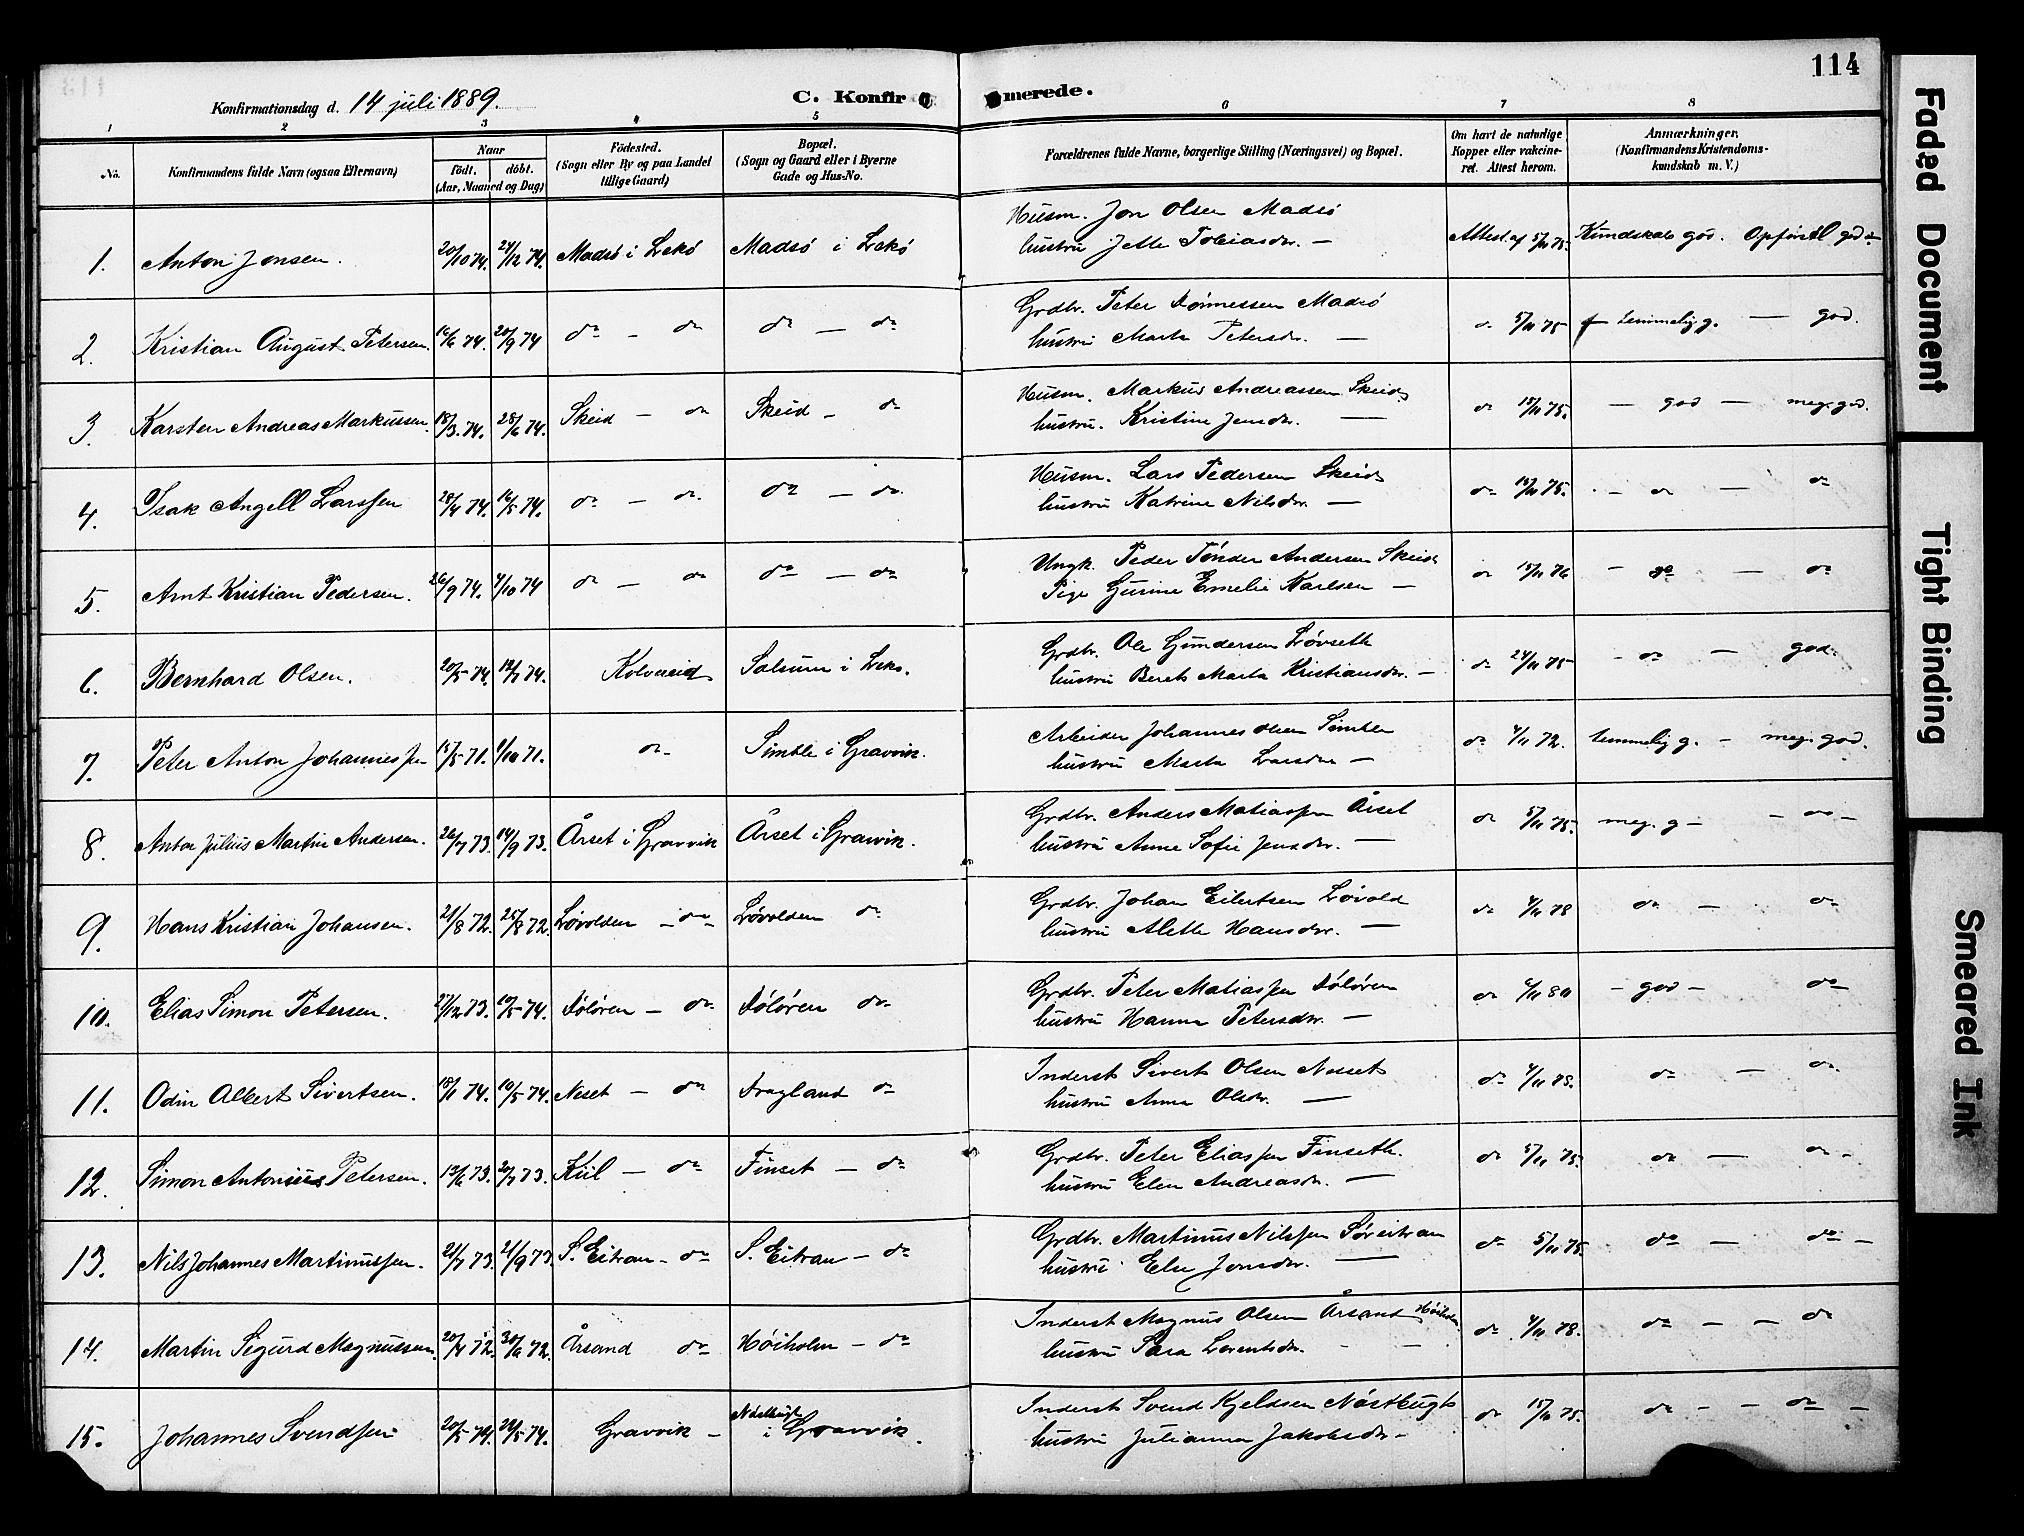 SAT, Ministerialprotokoller, klokkerbøker og fødselsregistre - Nord-Trøndelag, 788/L0701: Klokkerbok nr. 788C01, 1888-1913, s. 114